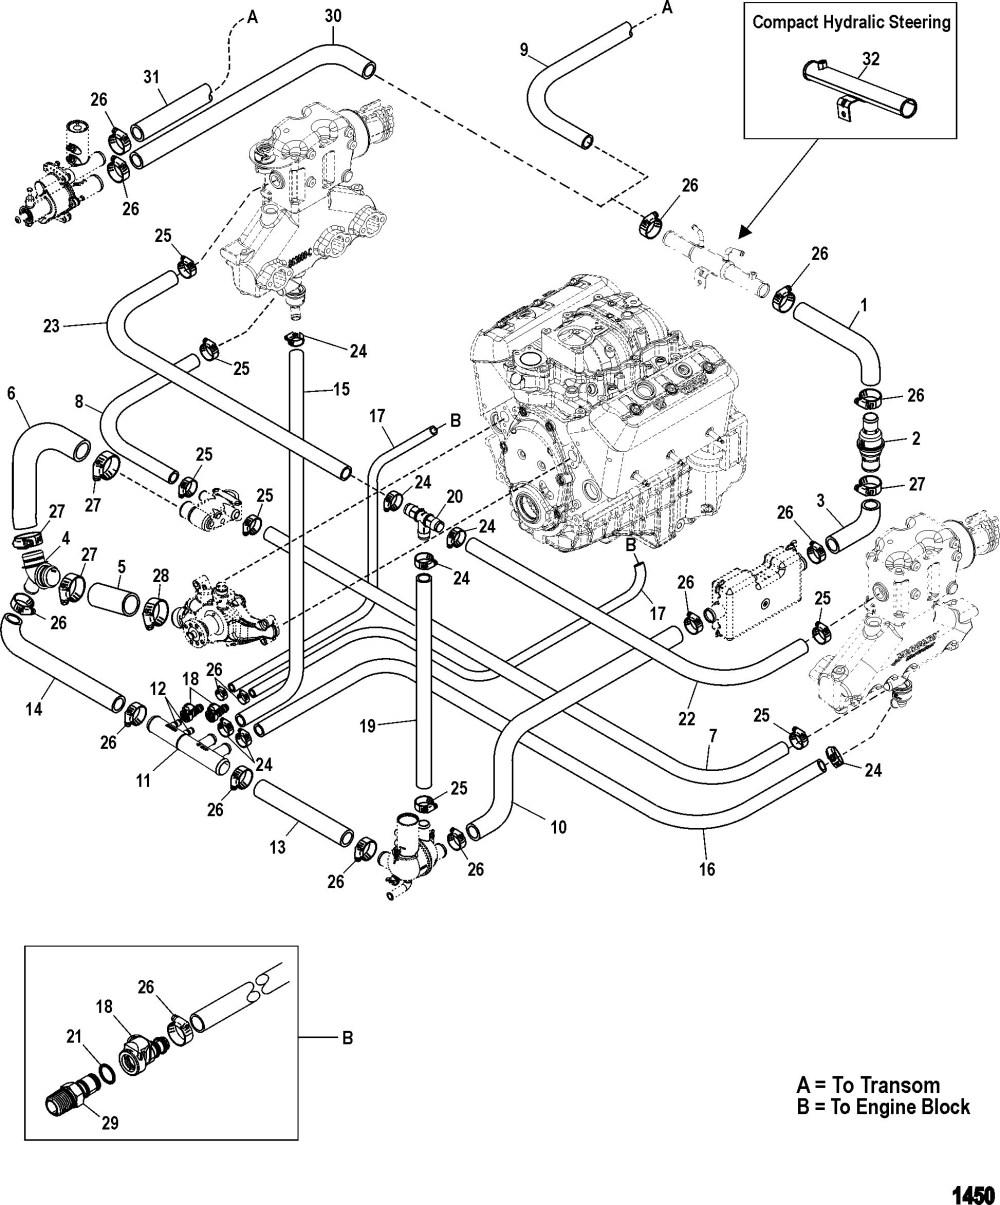 medium resolution of 4 3l vortec engine diagram wiring diagram blogs general motors 4 3l v6 engine 4 3 v6 engine diagram